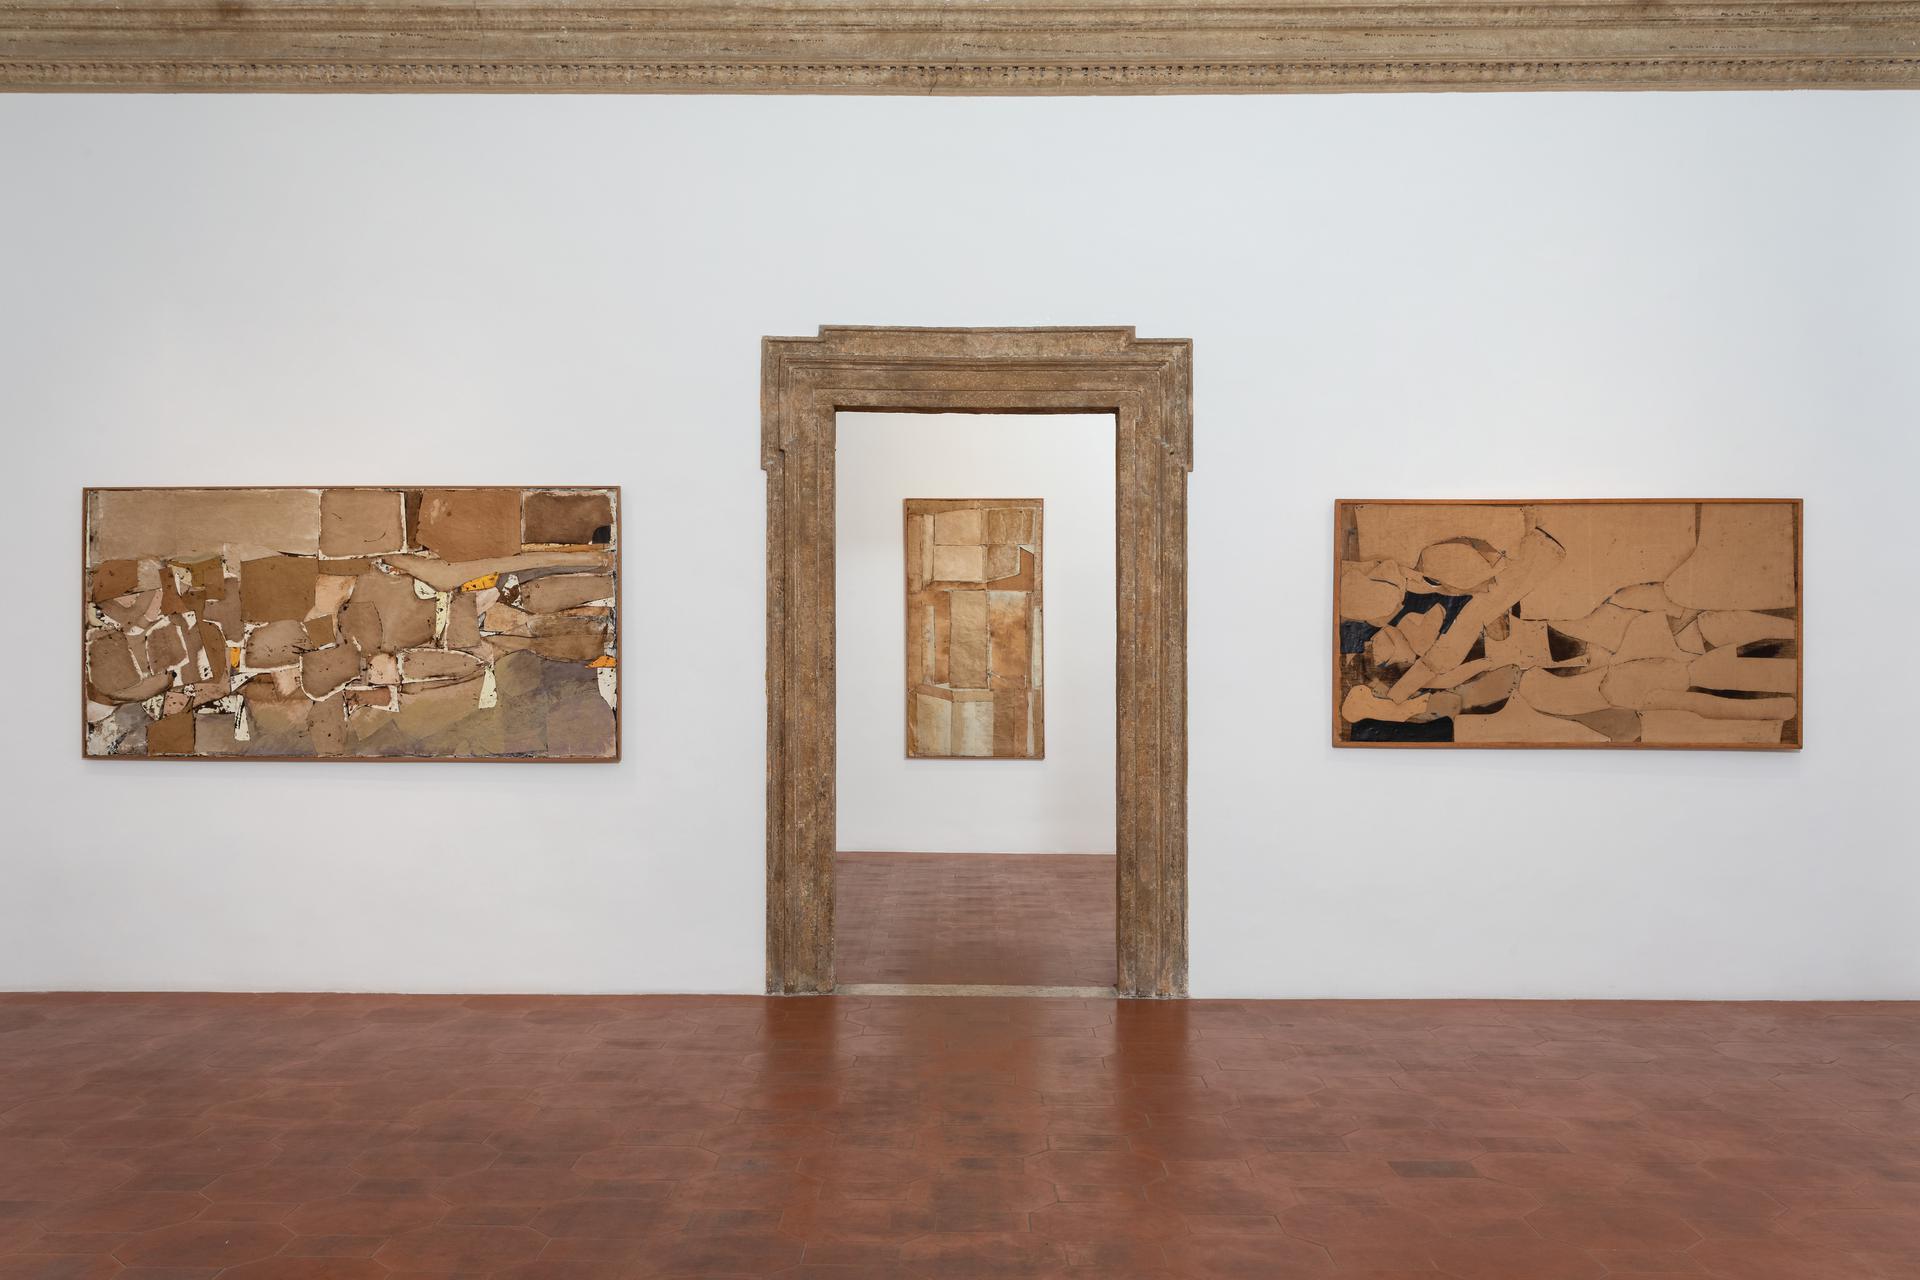 OPENING TODAY: Galleria MATTIA DE LUCA presents CONRAD MARCA-RELLI – from October 9th, 2021 at Palazzo Albertoni Spinola in Rome